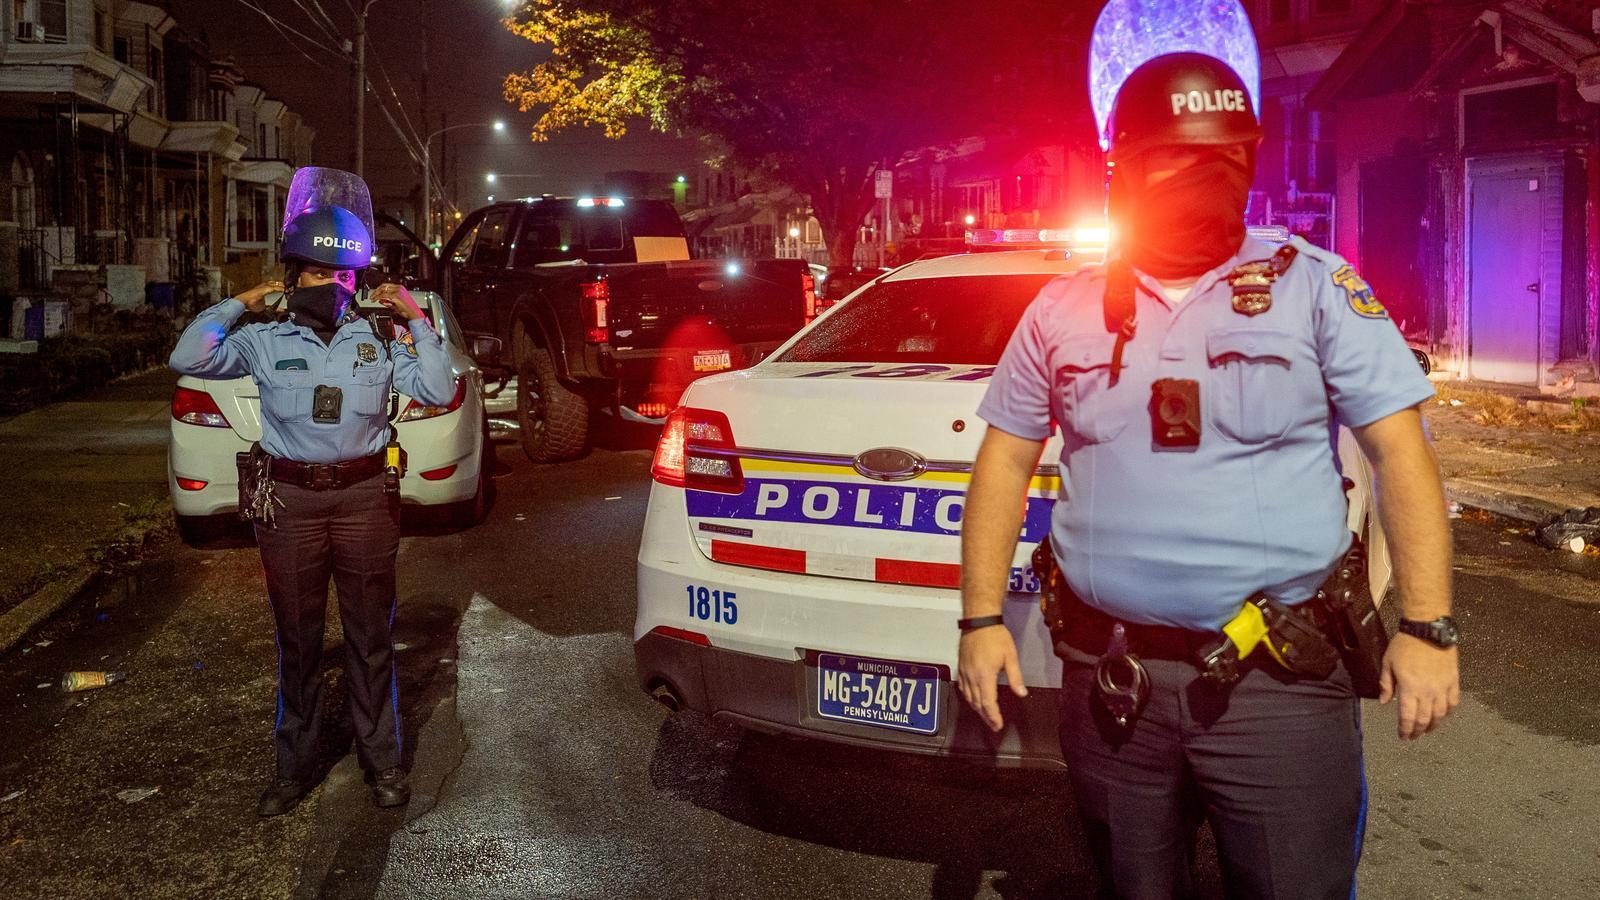 Dos policies als carrers de Filadèlfia durant els disturbis d'aquest dilluns a la nit